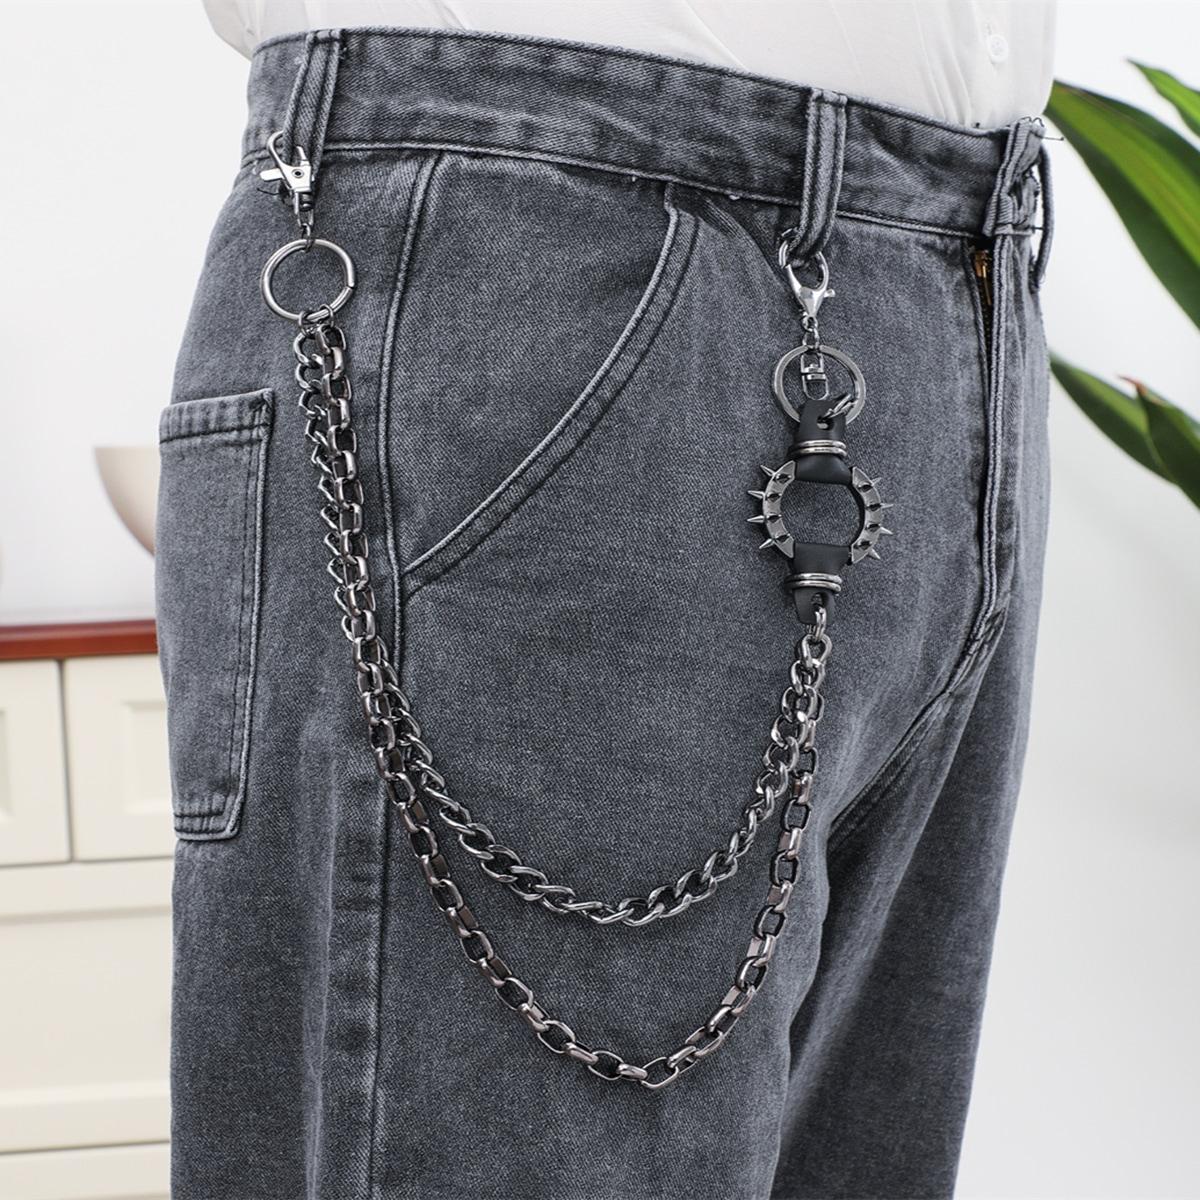 Мужская цепочка для брюк с кольцом